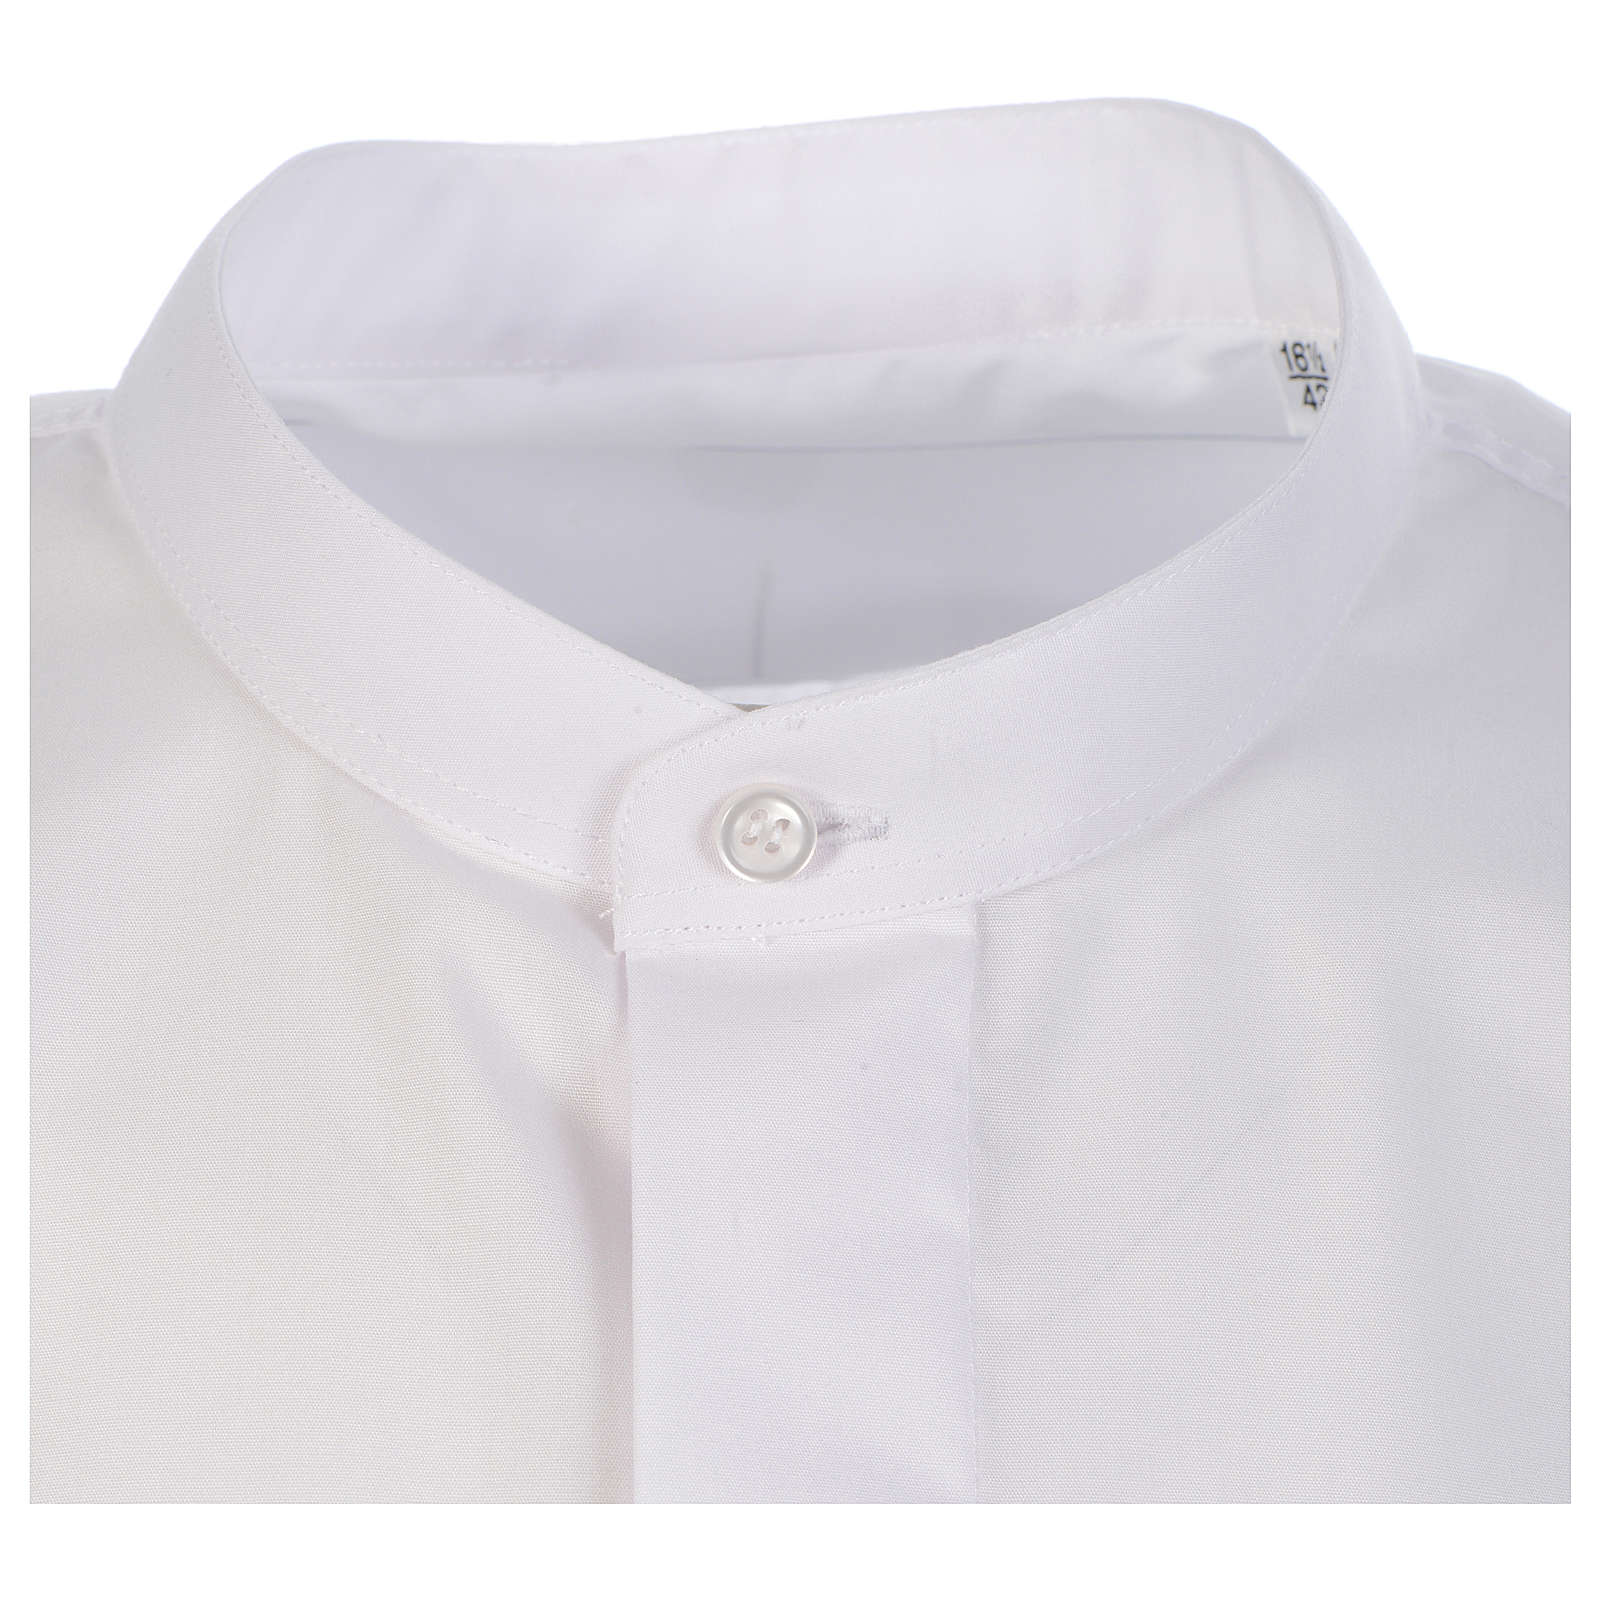 Camicia sottotalare collo ricoperto manica lunga 4